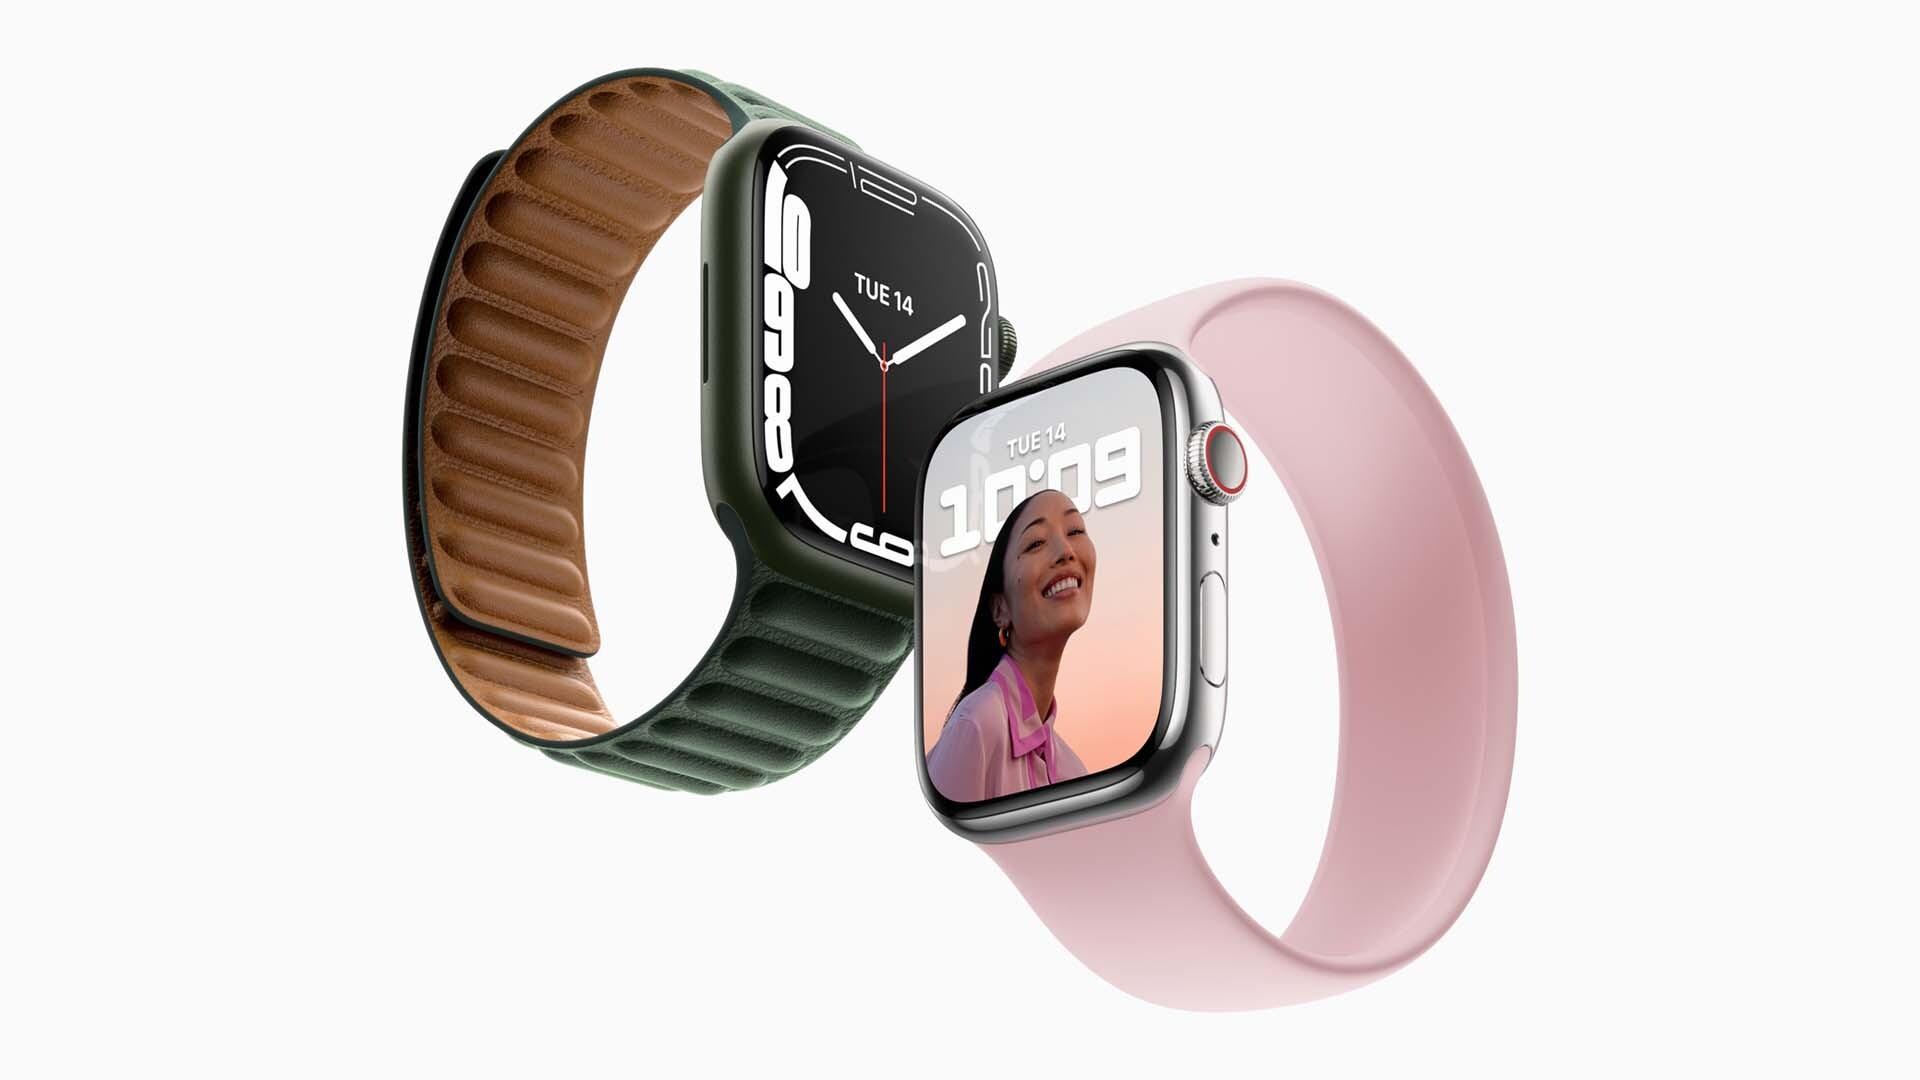 Новые умные часы Apple впервые показали на живых фото